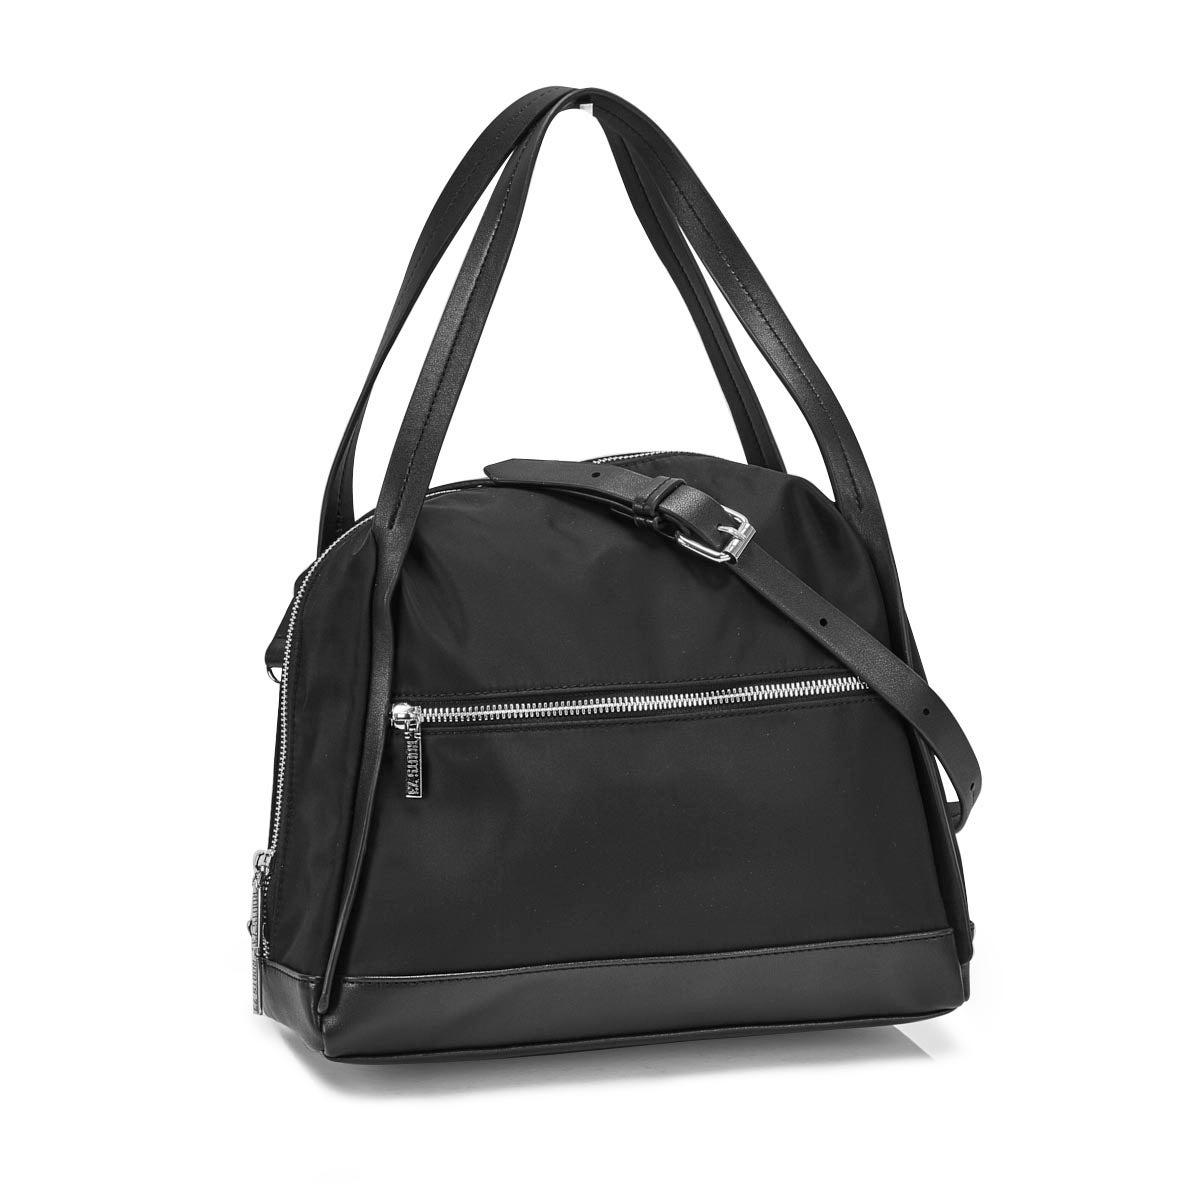 Lds Roots73 black top zip satchel